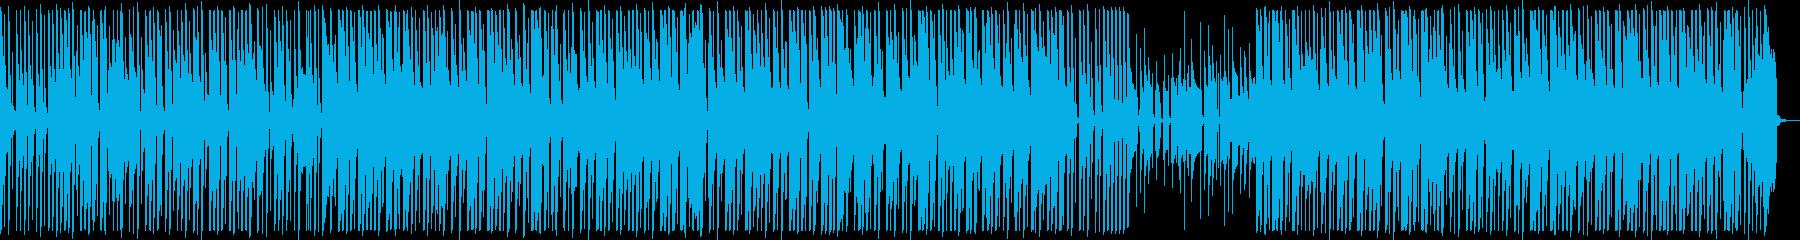 ほのぼの軽快テクノポップ♪かわいい楽しいの再生済みの波形